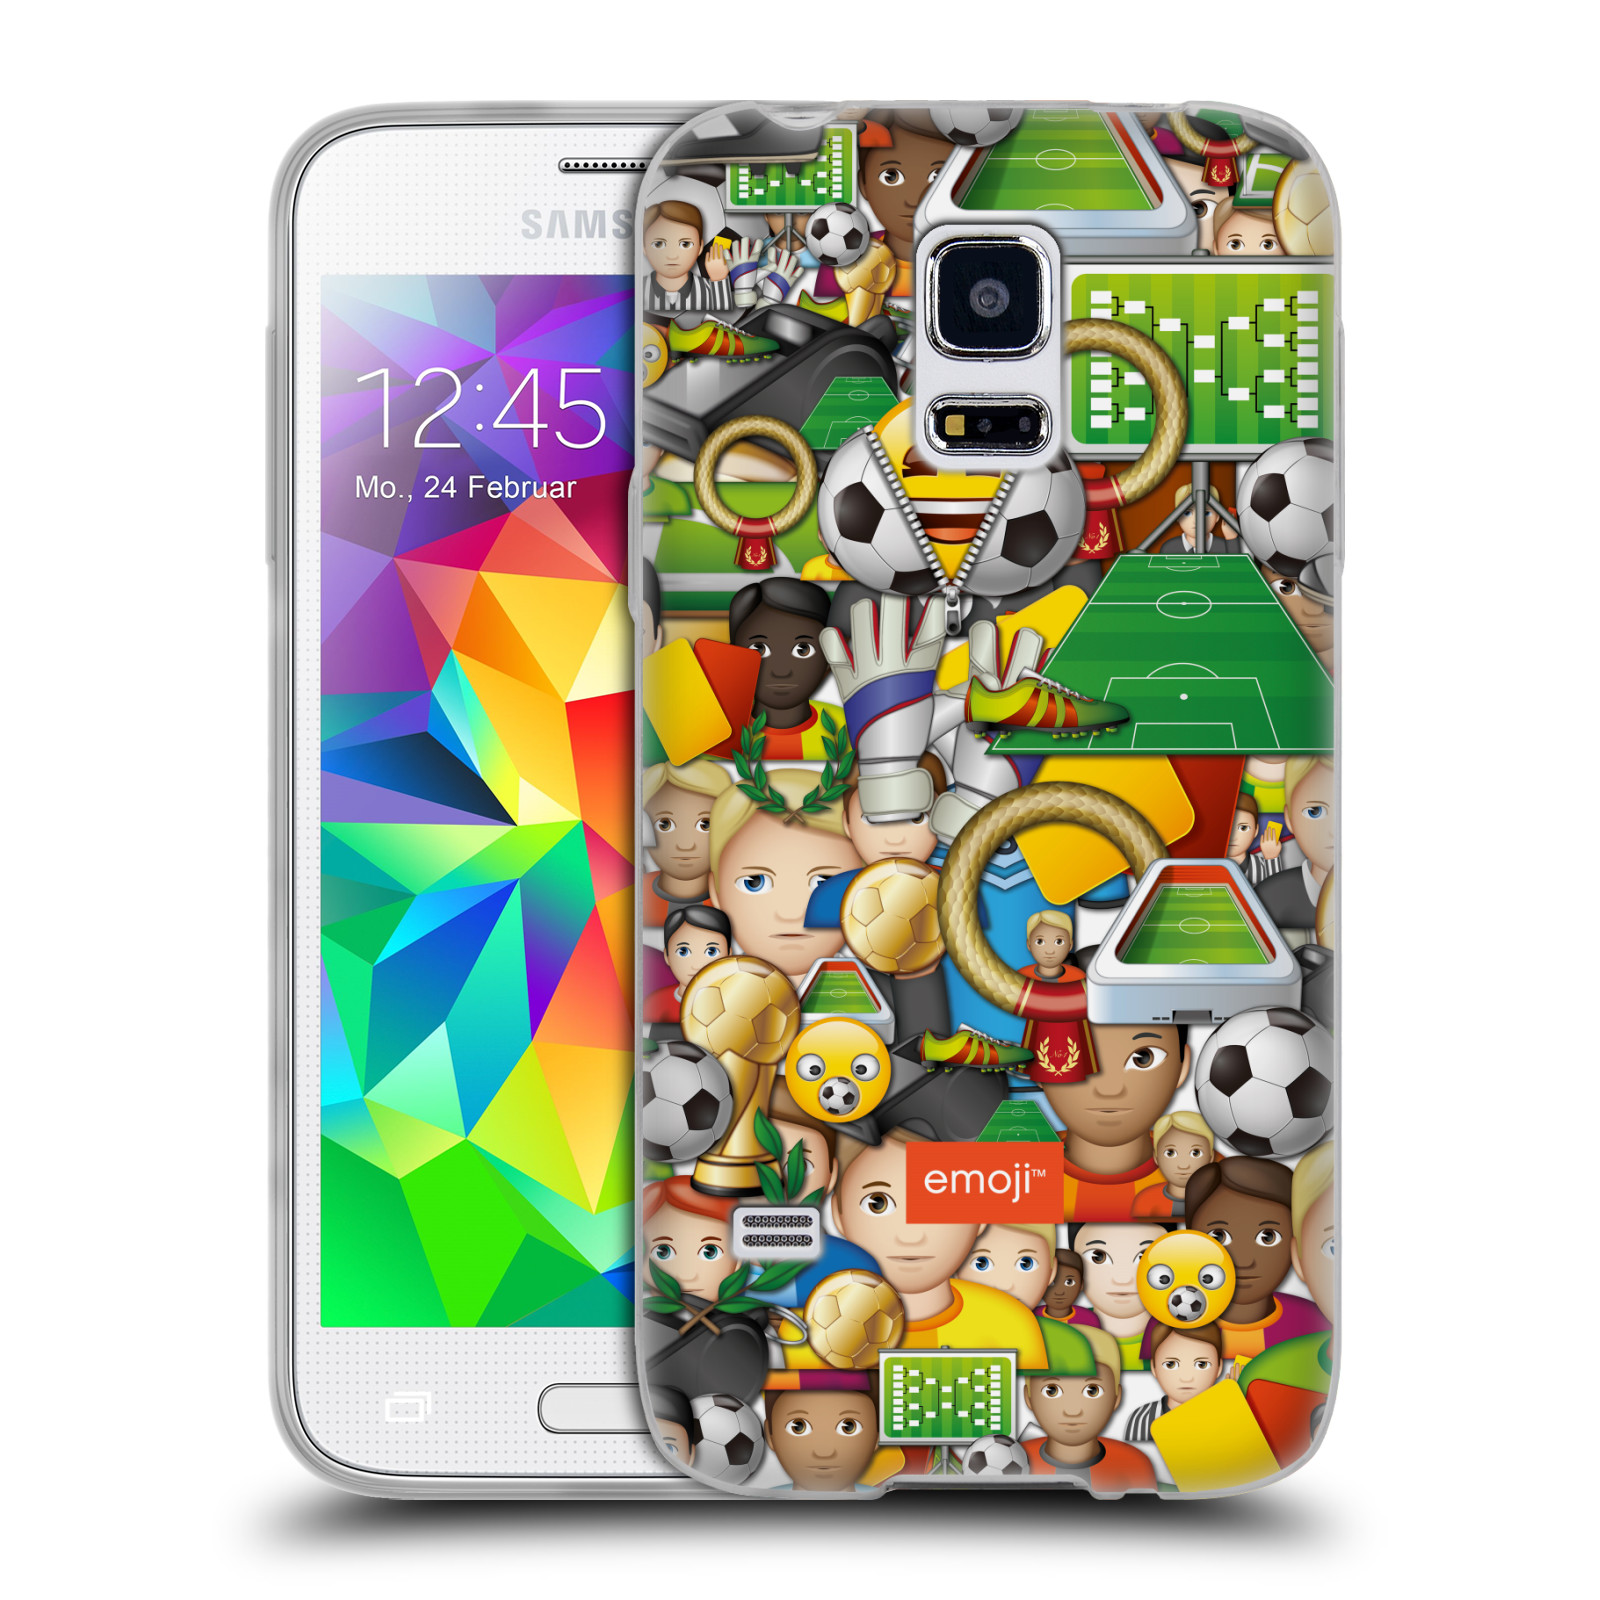 HEAD CASE silikonový obal na mobil Samsung Galaxy S5 MINI smajlíci oficiální kryt EMOJI vzor fotbal koláž